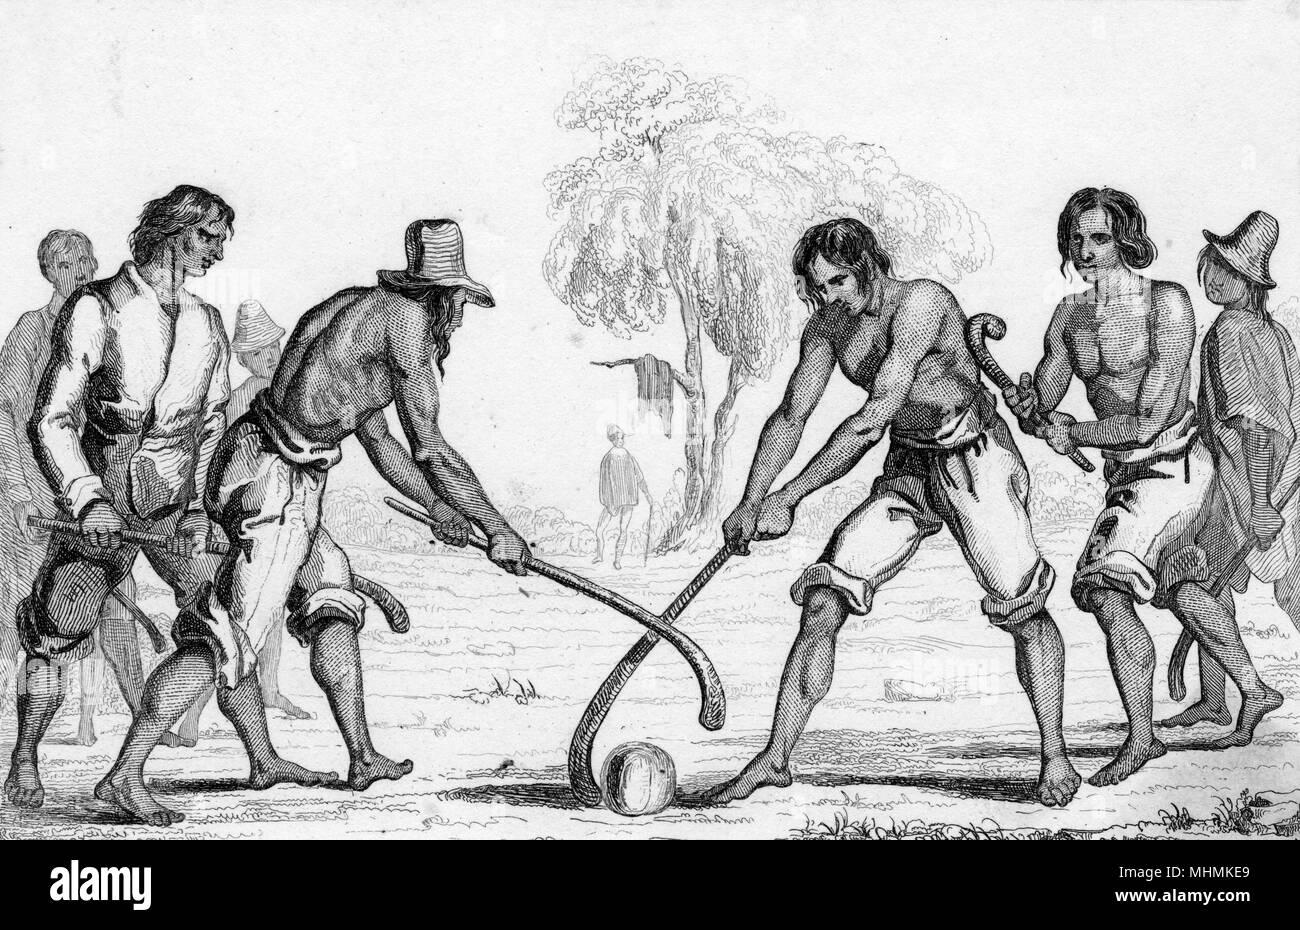 Les Chiliens jouer une première forme de hockey. Date: vers 1835 Photo Stock